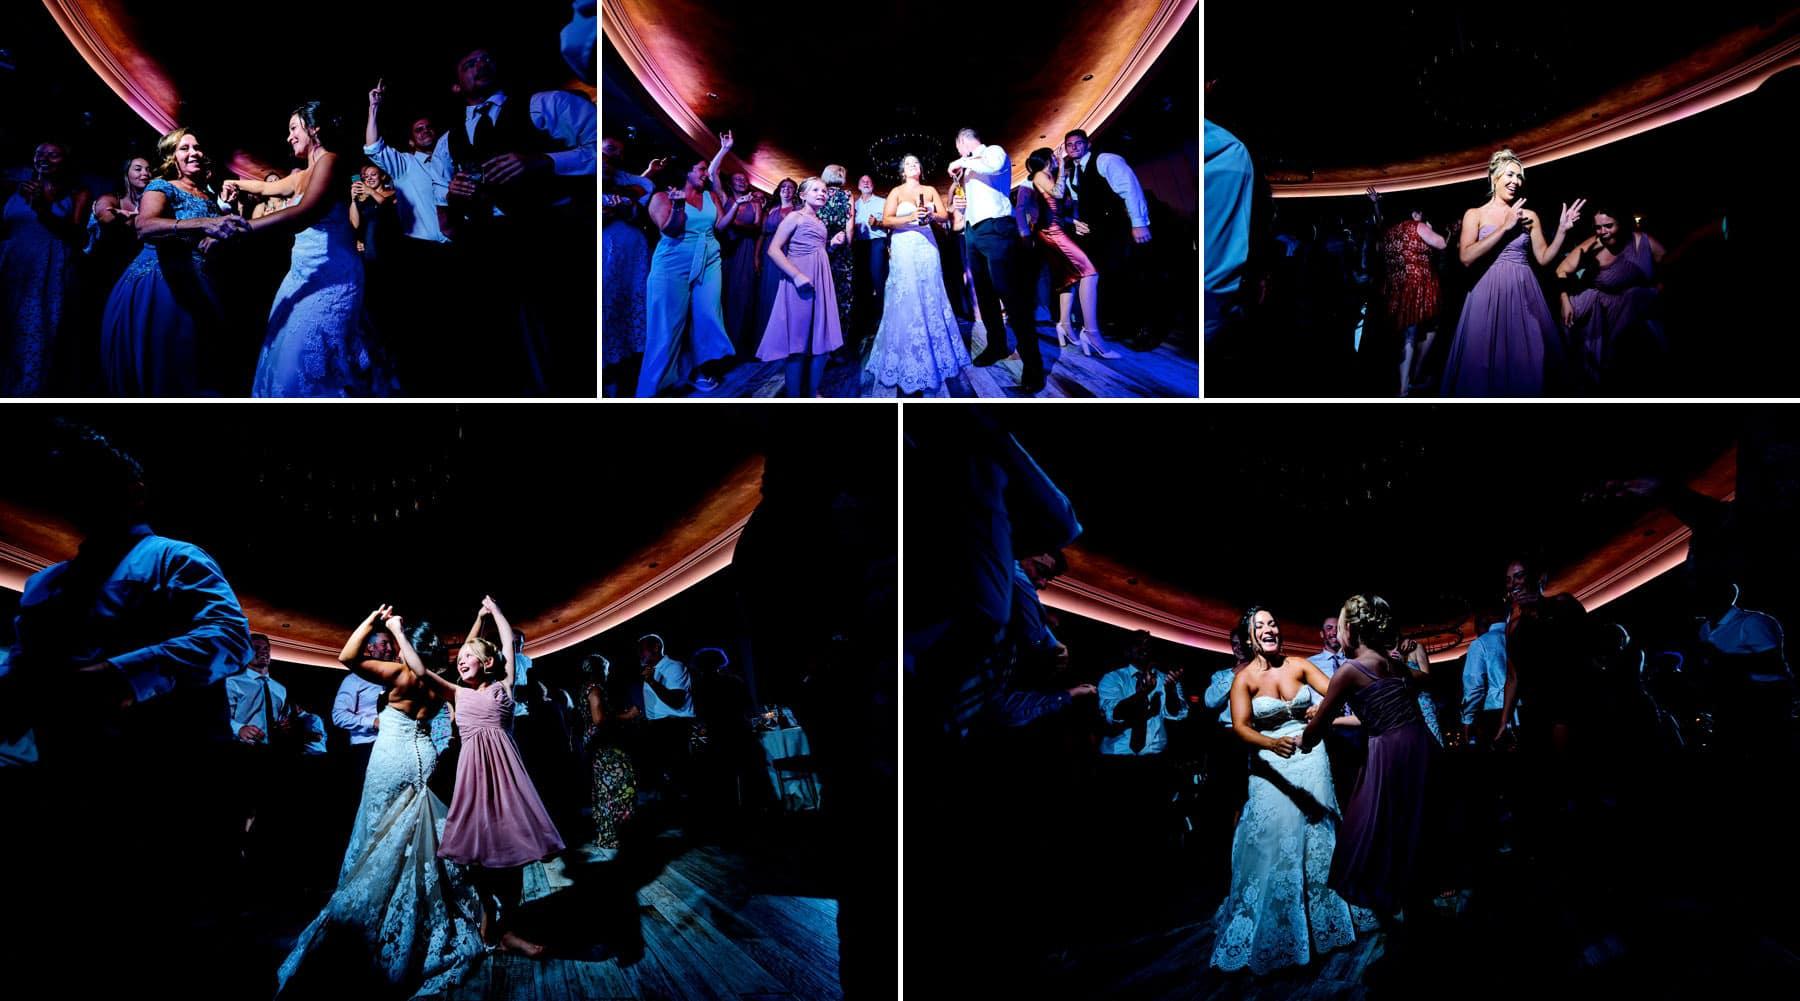 The Farmhouse packed wedding dance floor